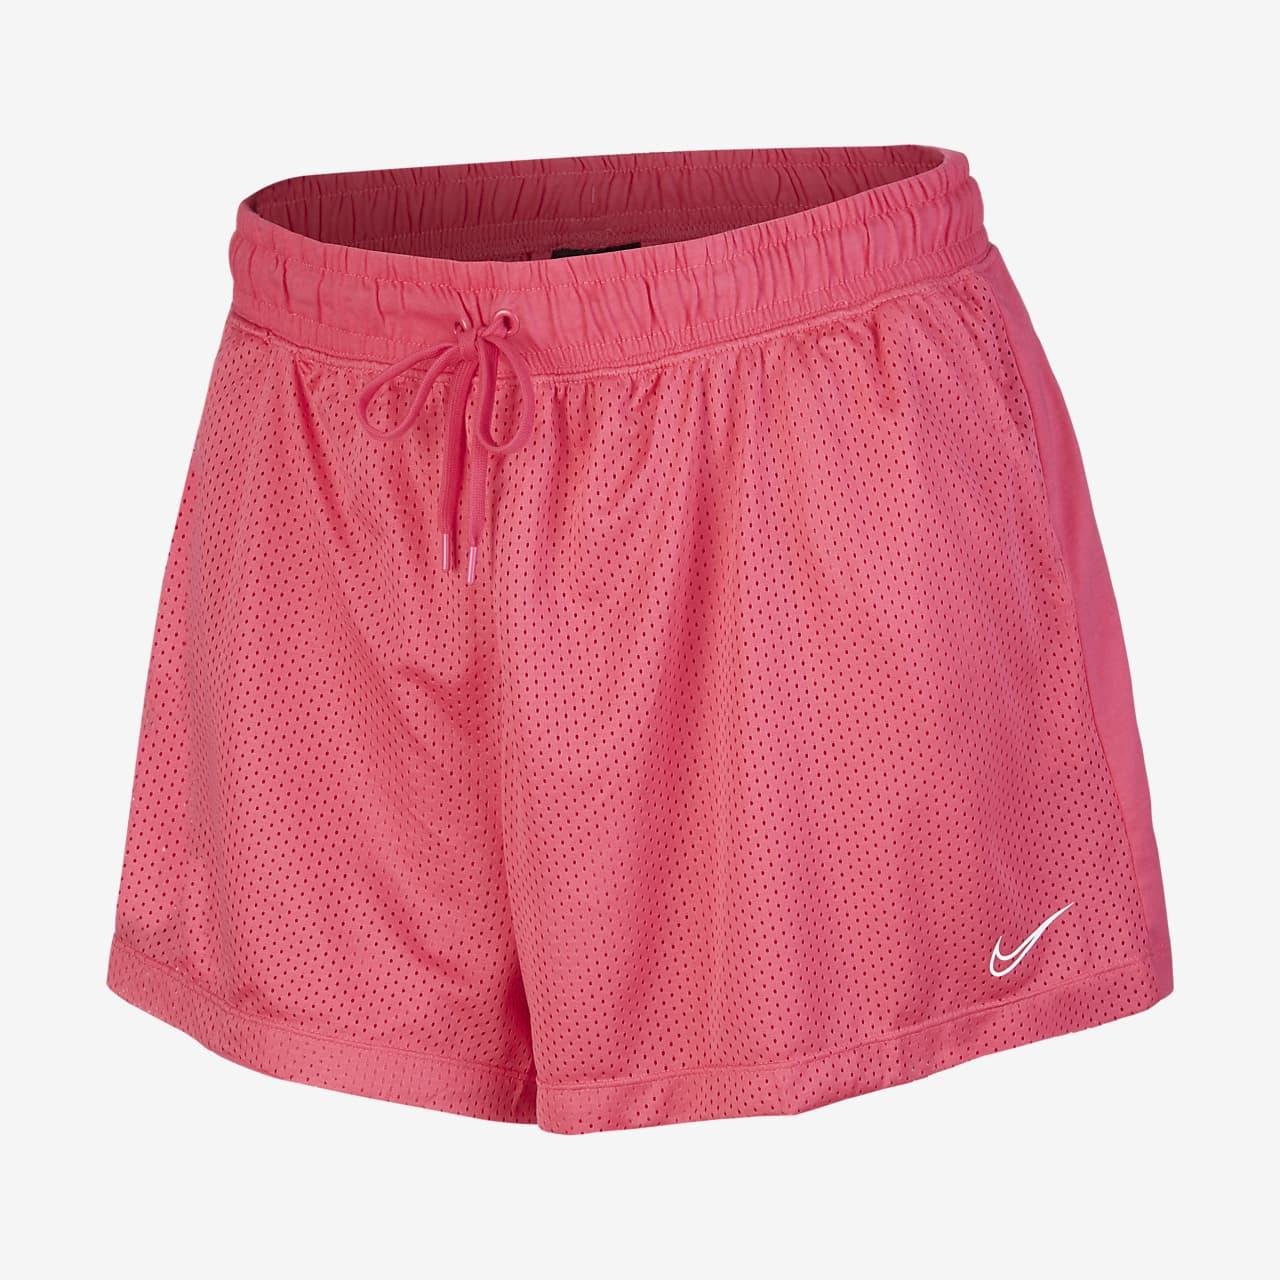 Nike Sportswear nettingshorts til dame (store størrelser)